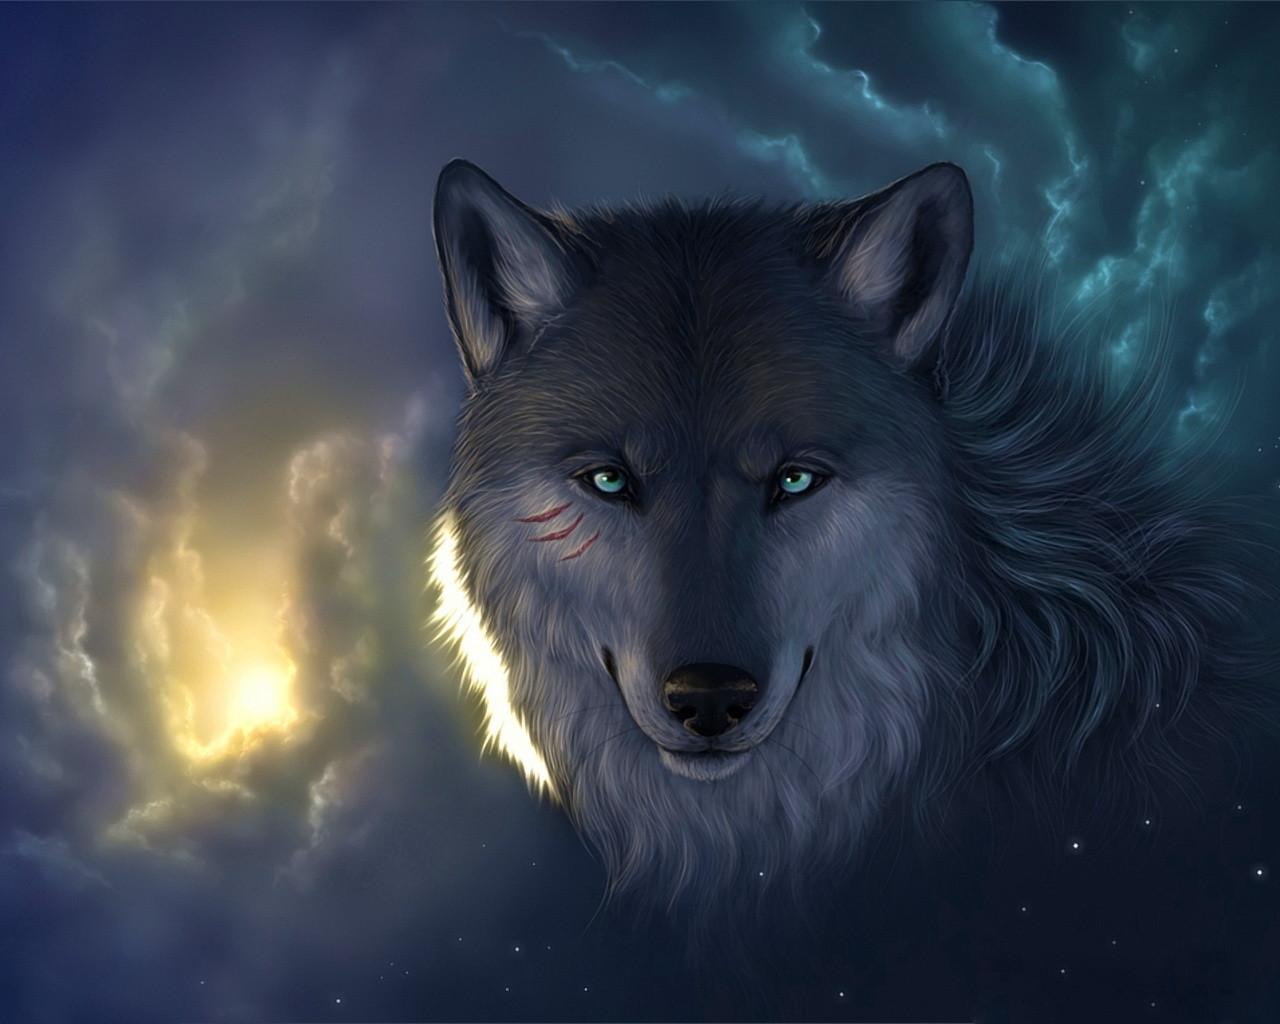 Wolf Wallpaper Desktop 11322 Hd Wallpapers in Animals   Imagescicom 1280x1024